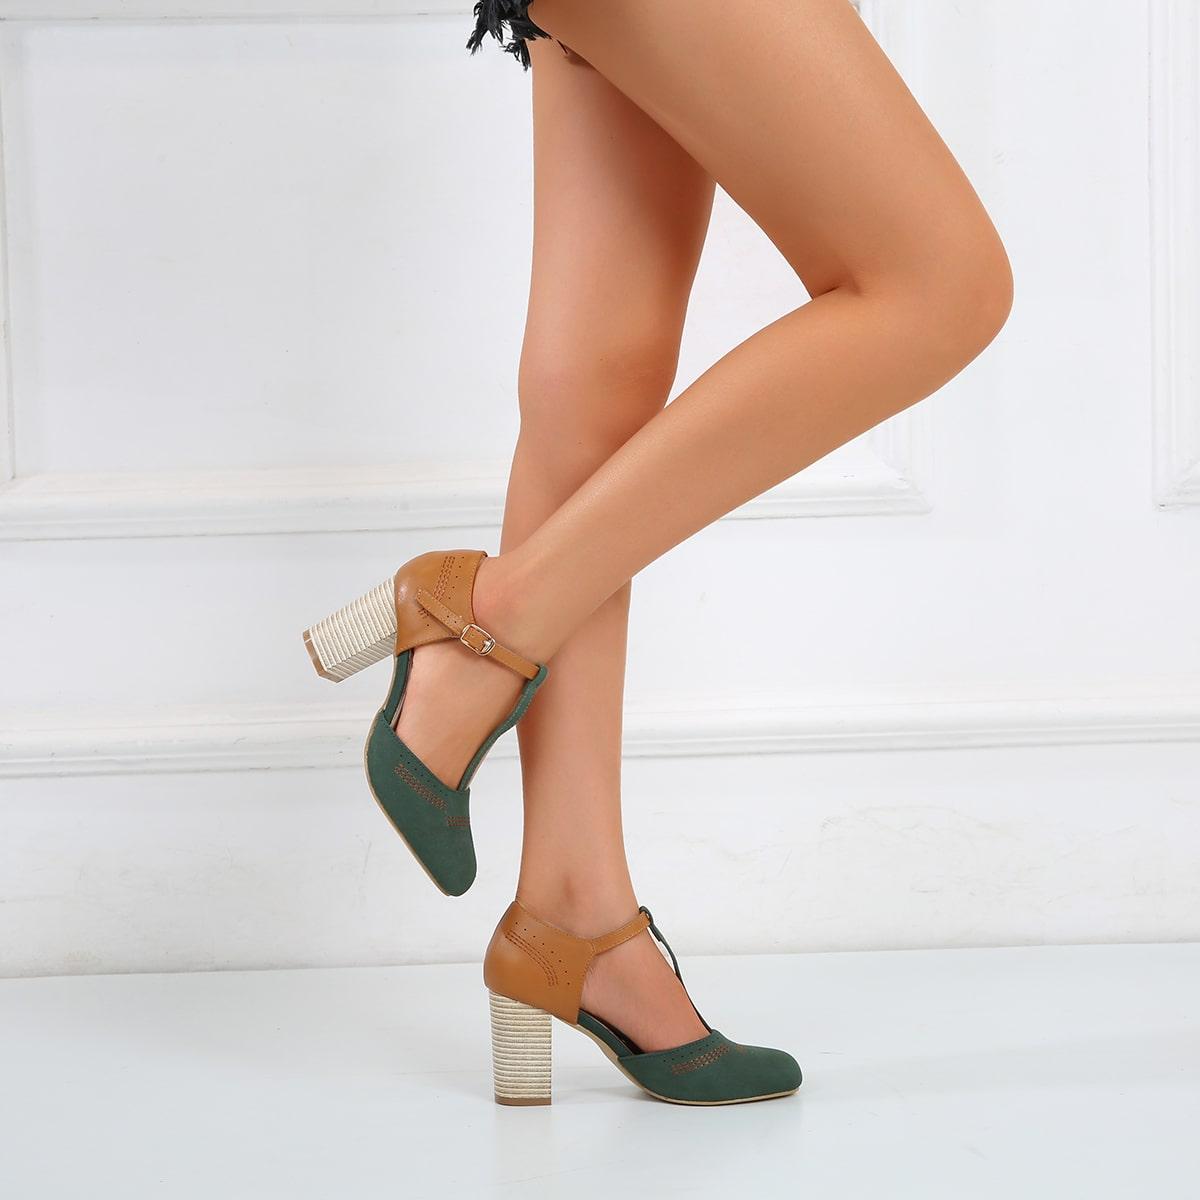 Ремешок на щиколотке контрастный цвет каблуки